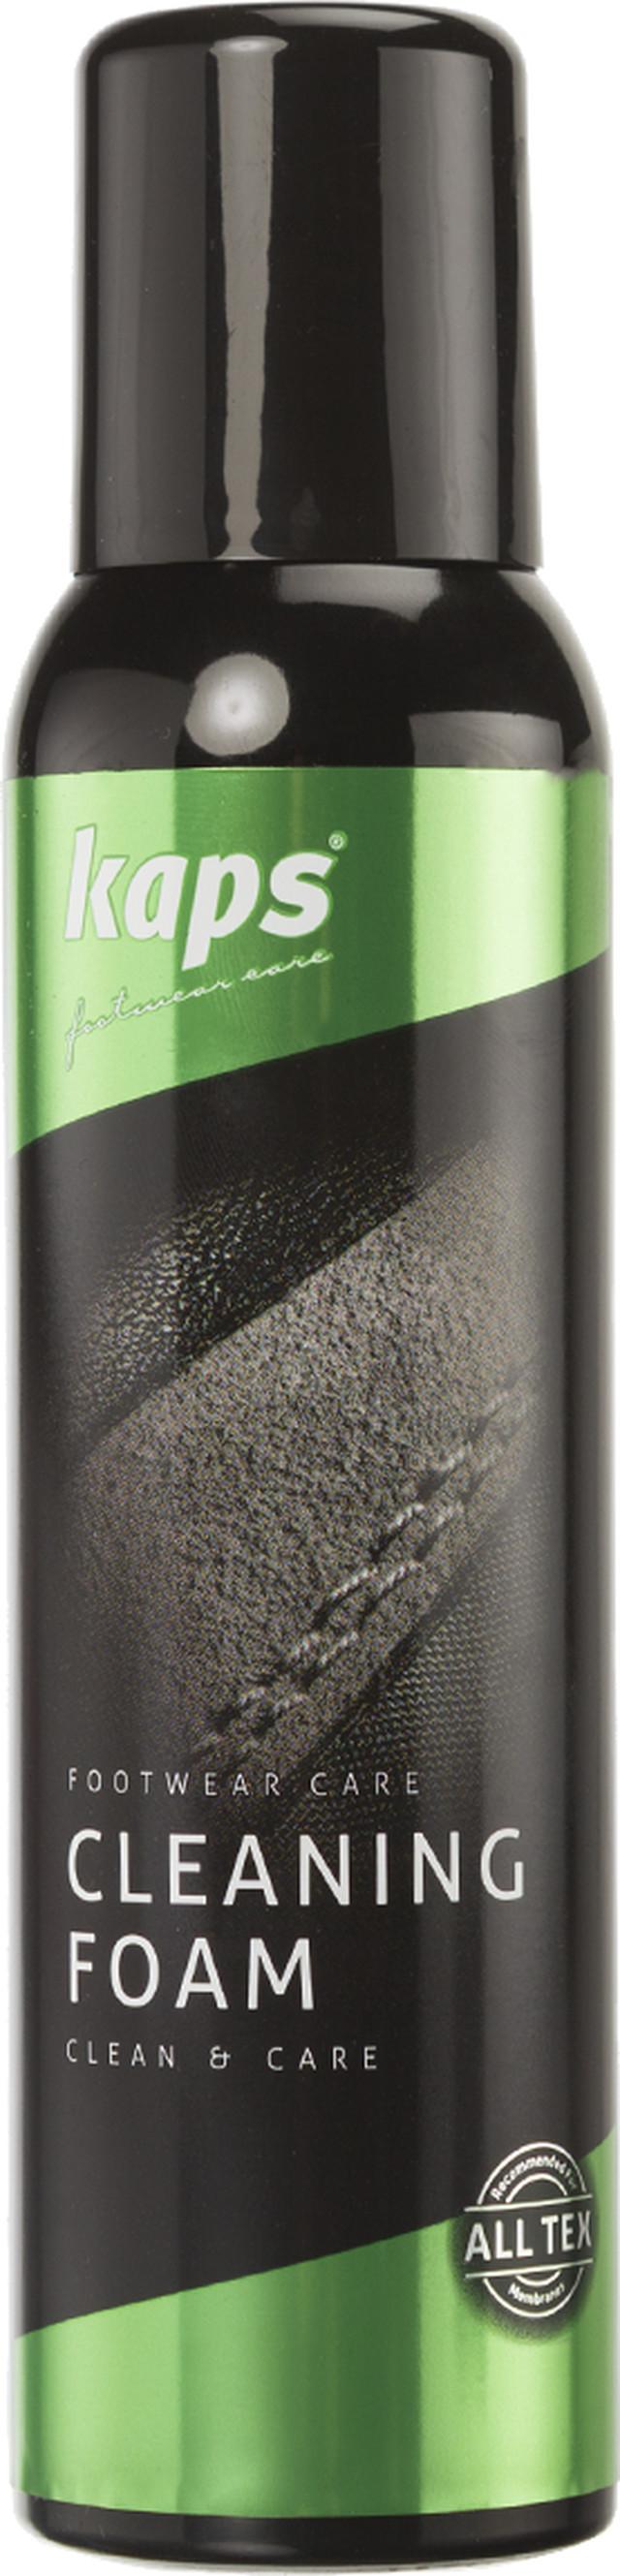 Kaps Cleaning Foam 150ml 010 04-5010